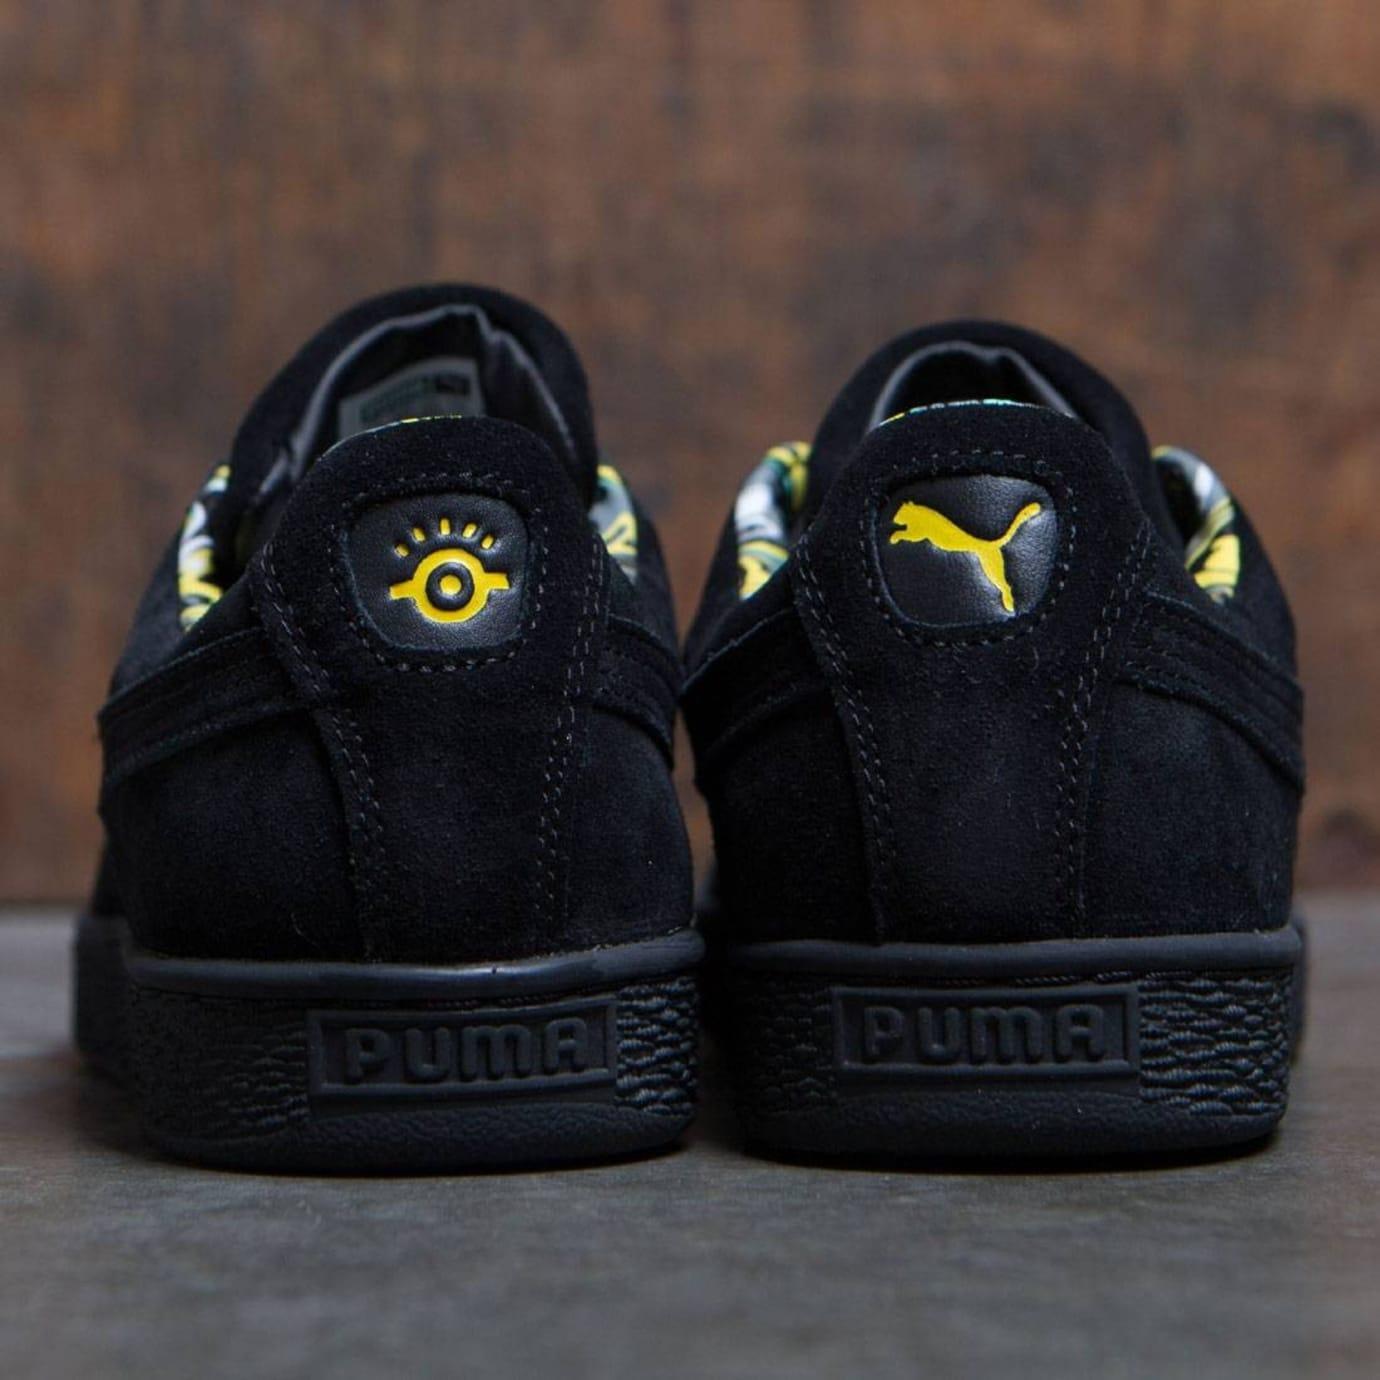 Minions x Puma Suede Release Date Heel